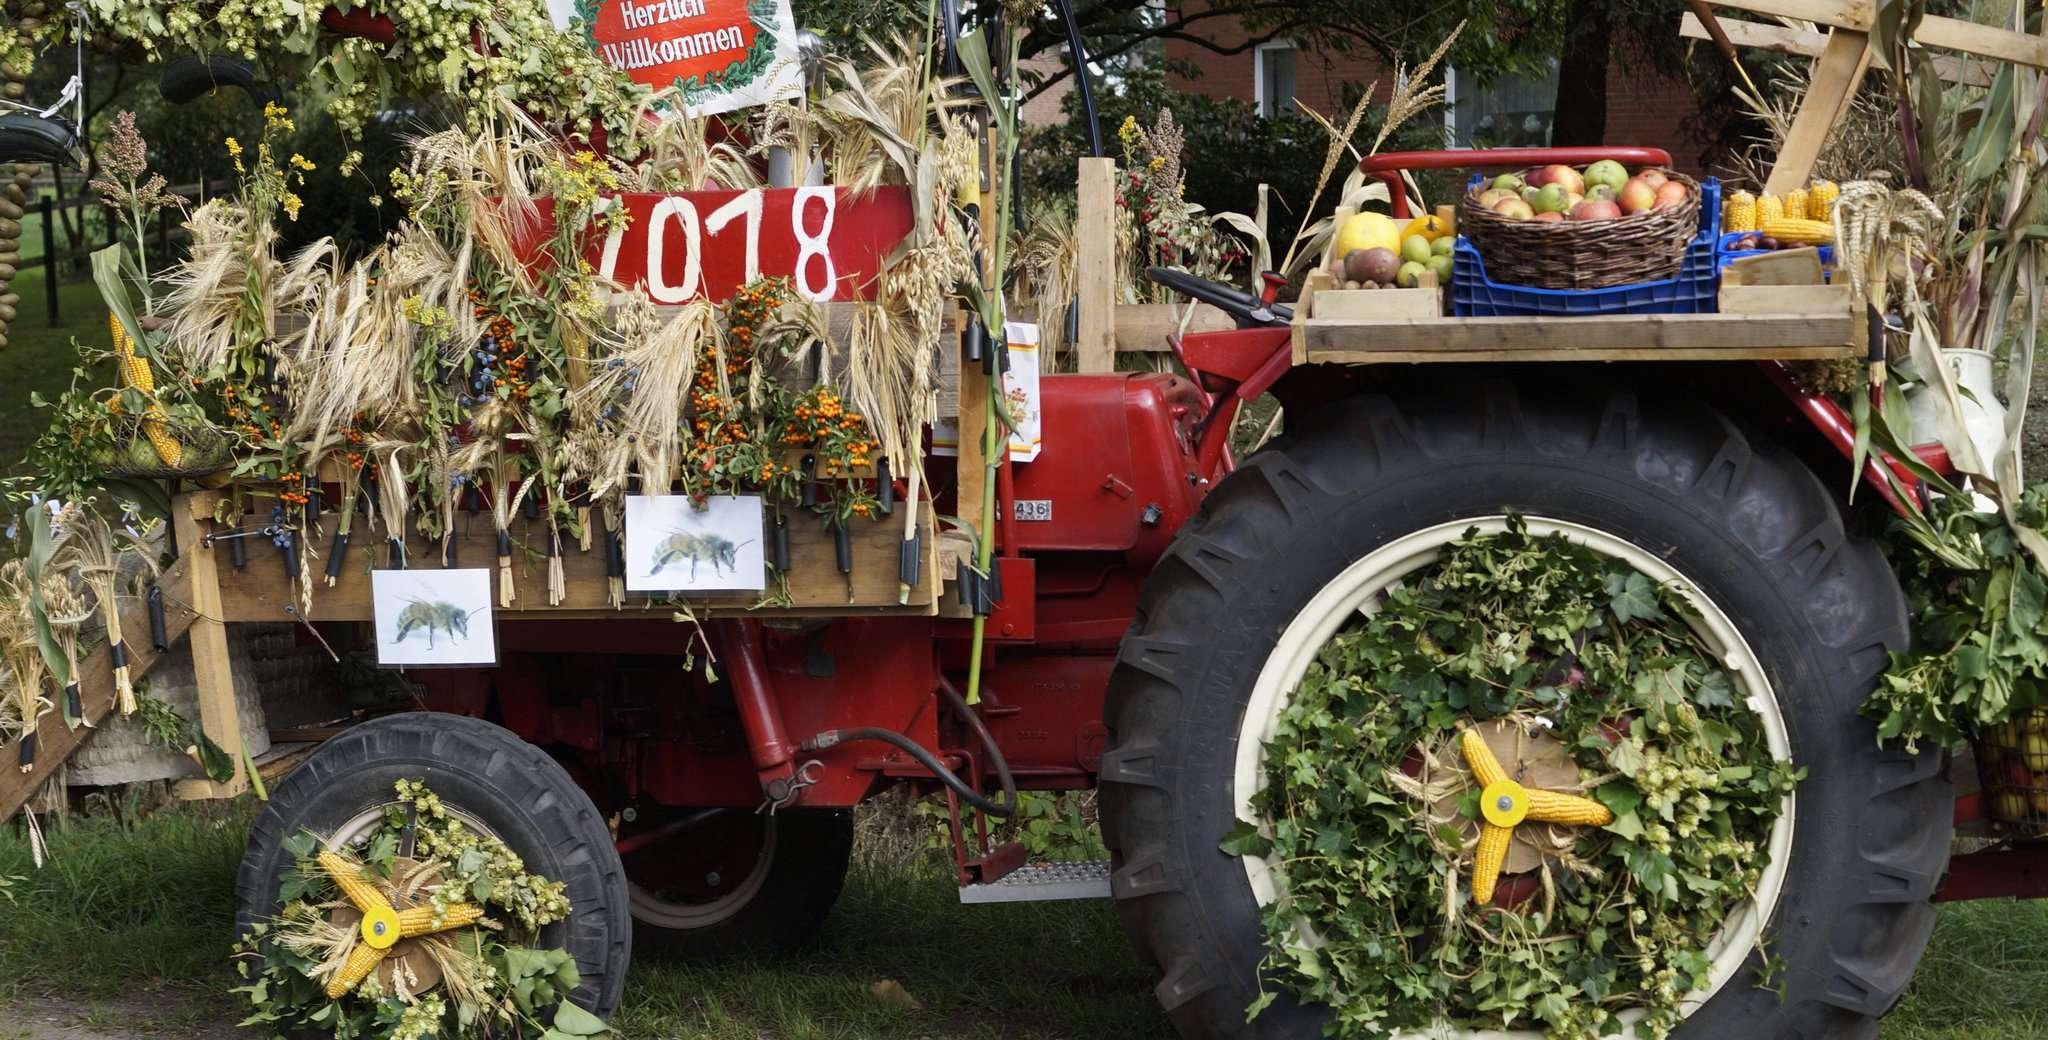 Bei der Dekoration von Erntewagen haben sich die Teilnehmer schon im vergangenen Jahr viel Mühe gegeben. Damit können die Besucher auch bei der aktuellen Auflage rechnen.